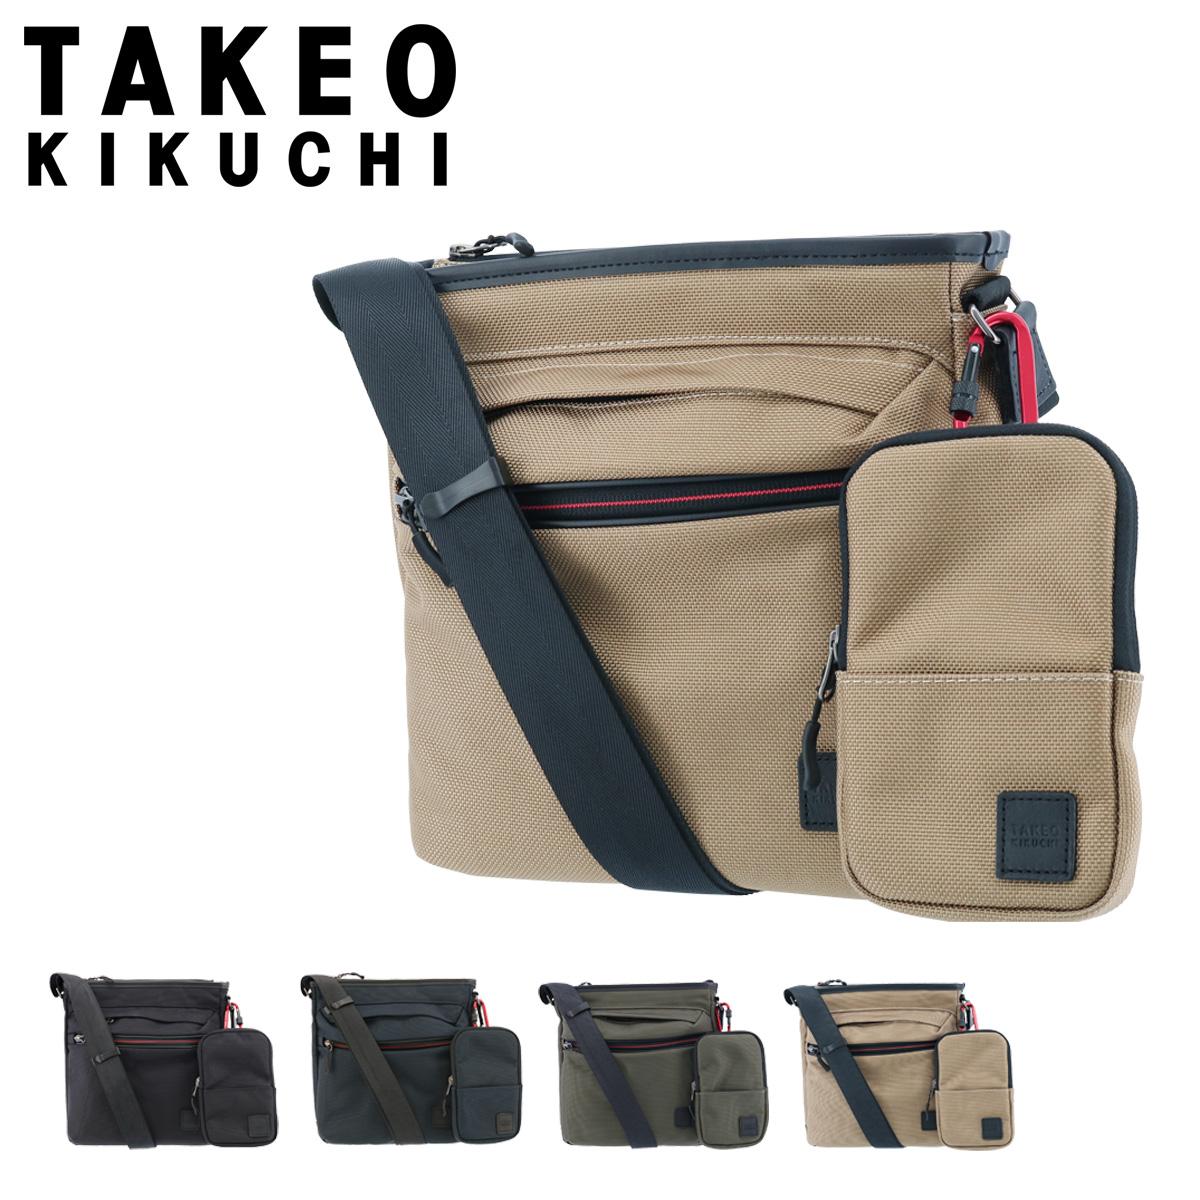 タケオキクチ ショルダーバッグ スプリット メンズ 743114 TAKEO KIKUCHI | ミニショルダー 斜めがけ 縦型[PO5]